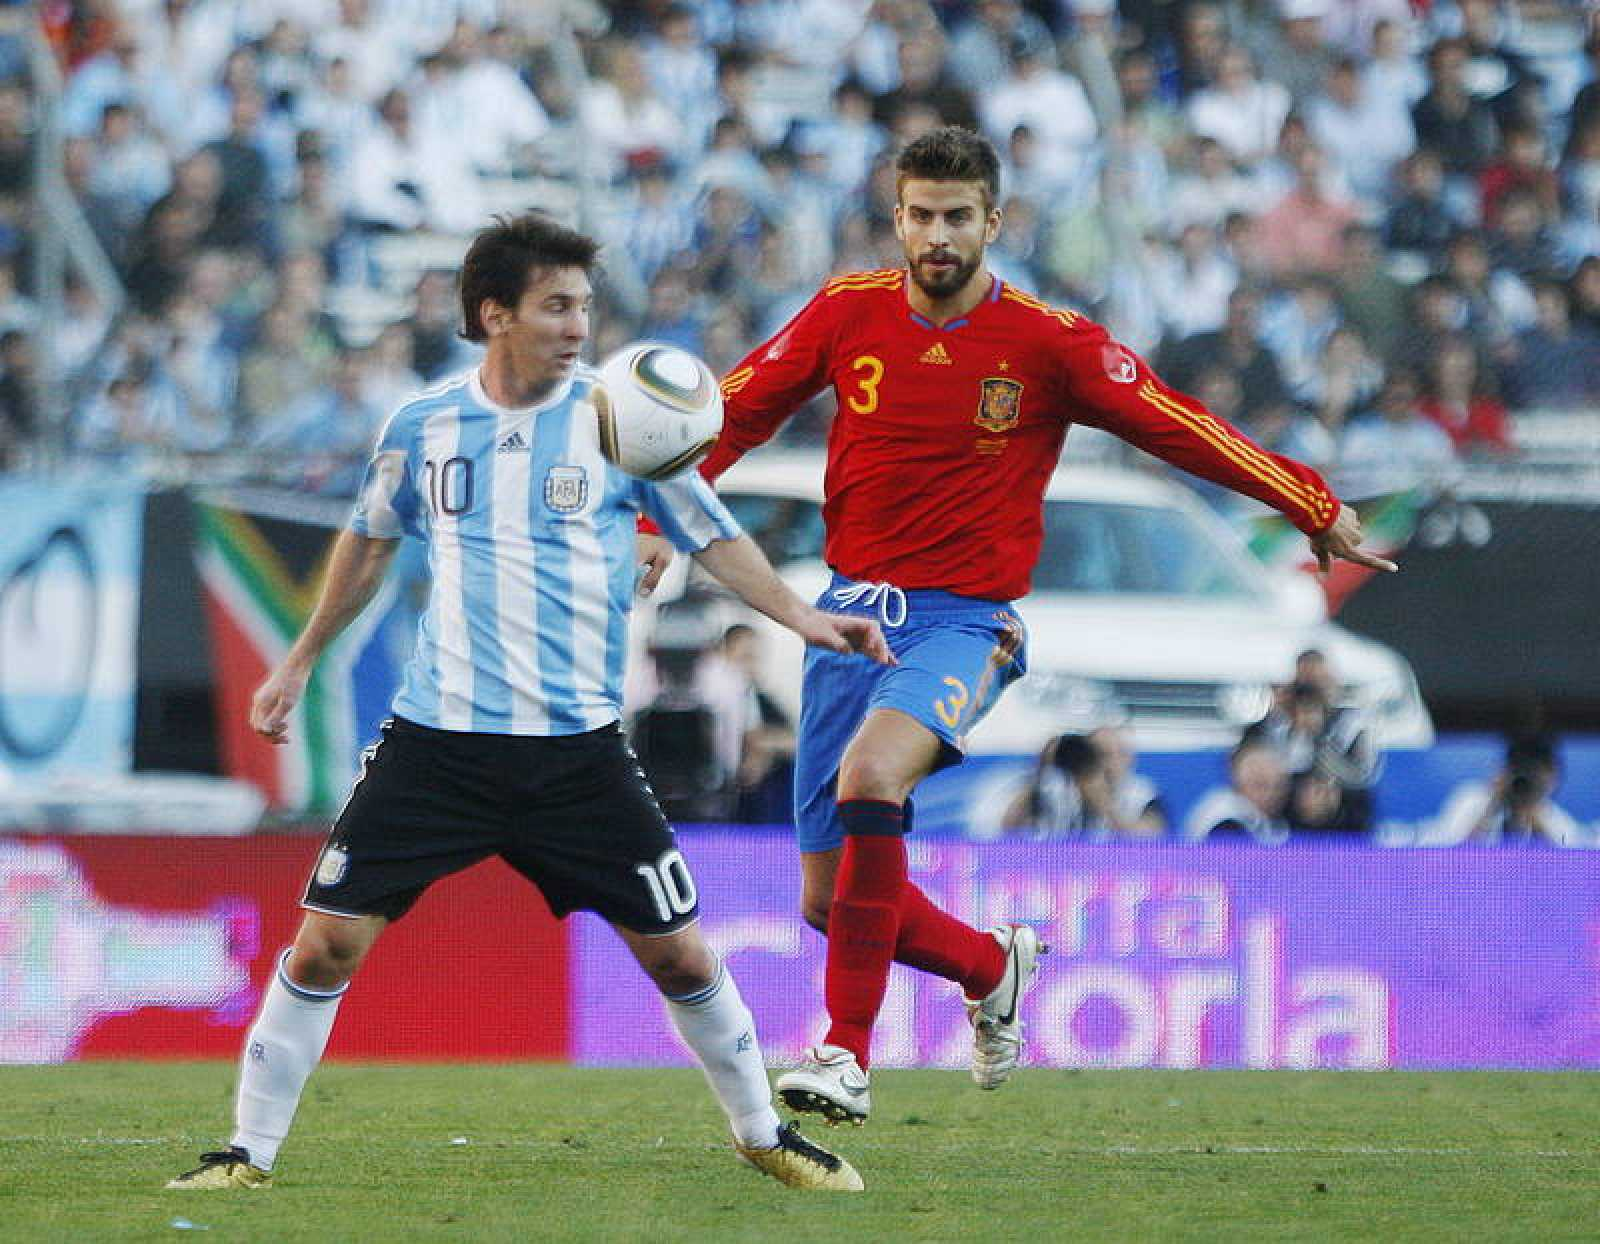 Imagen de archivo del partido amistoso disputado en el estadio de River Plate en Buenos Aires entre Argentina y España.